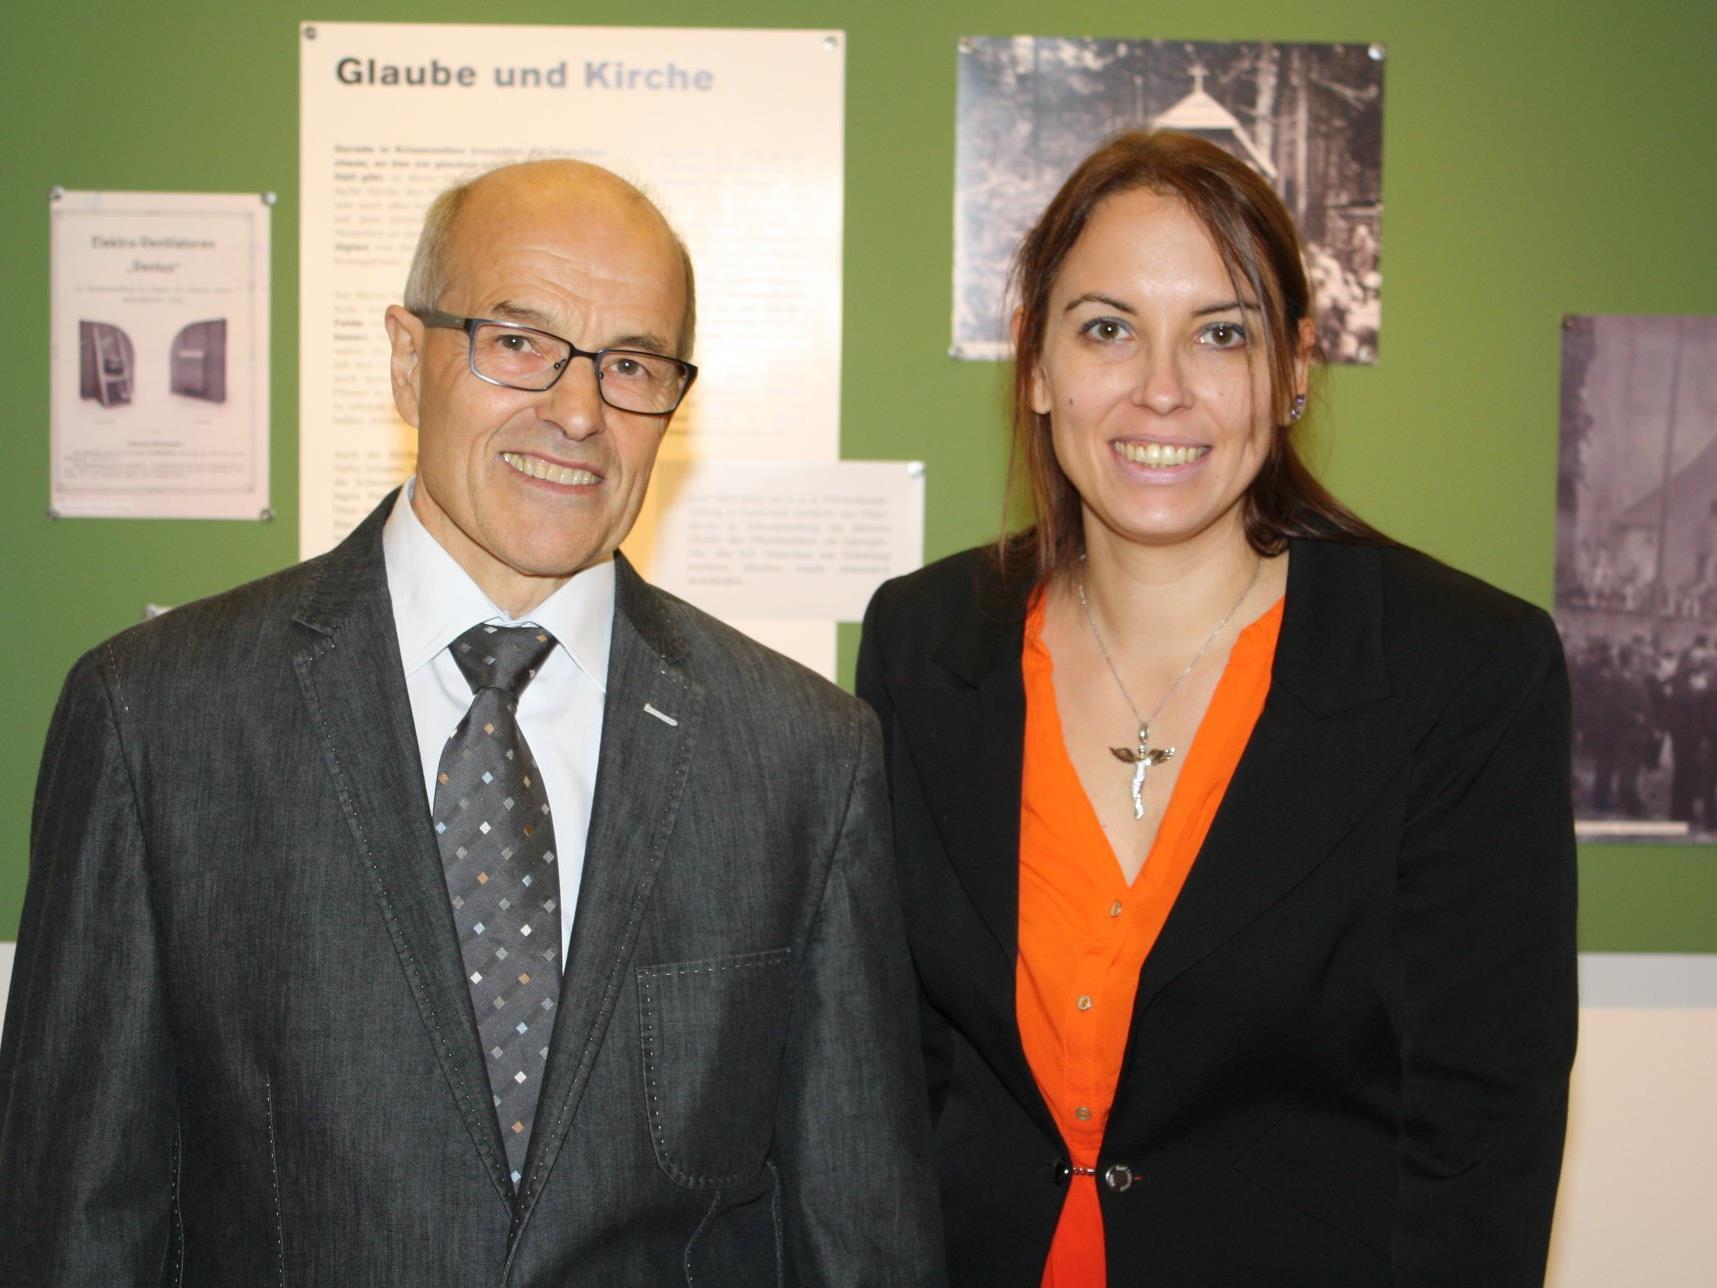 Historikerin Simone Drechsel und Ortschronist Johann Aberer haben die Ausstellung entwickelt.